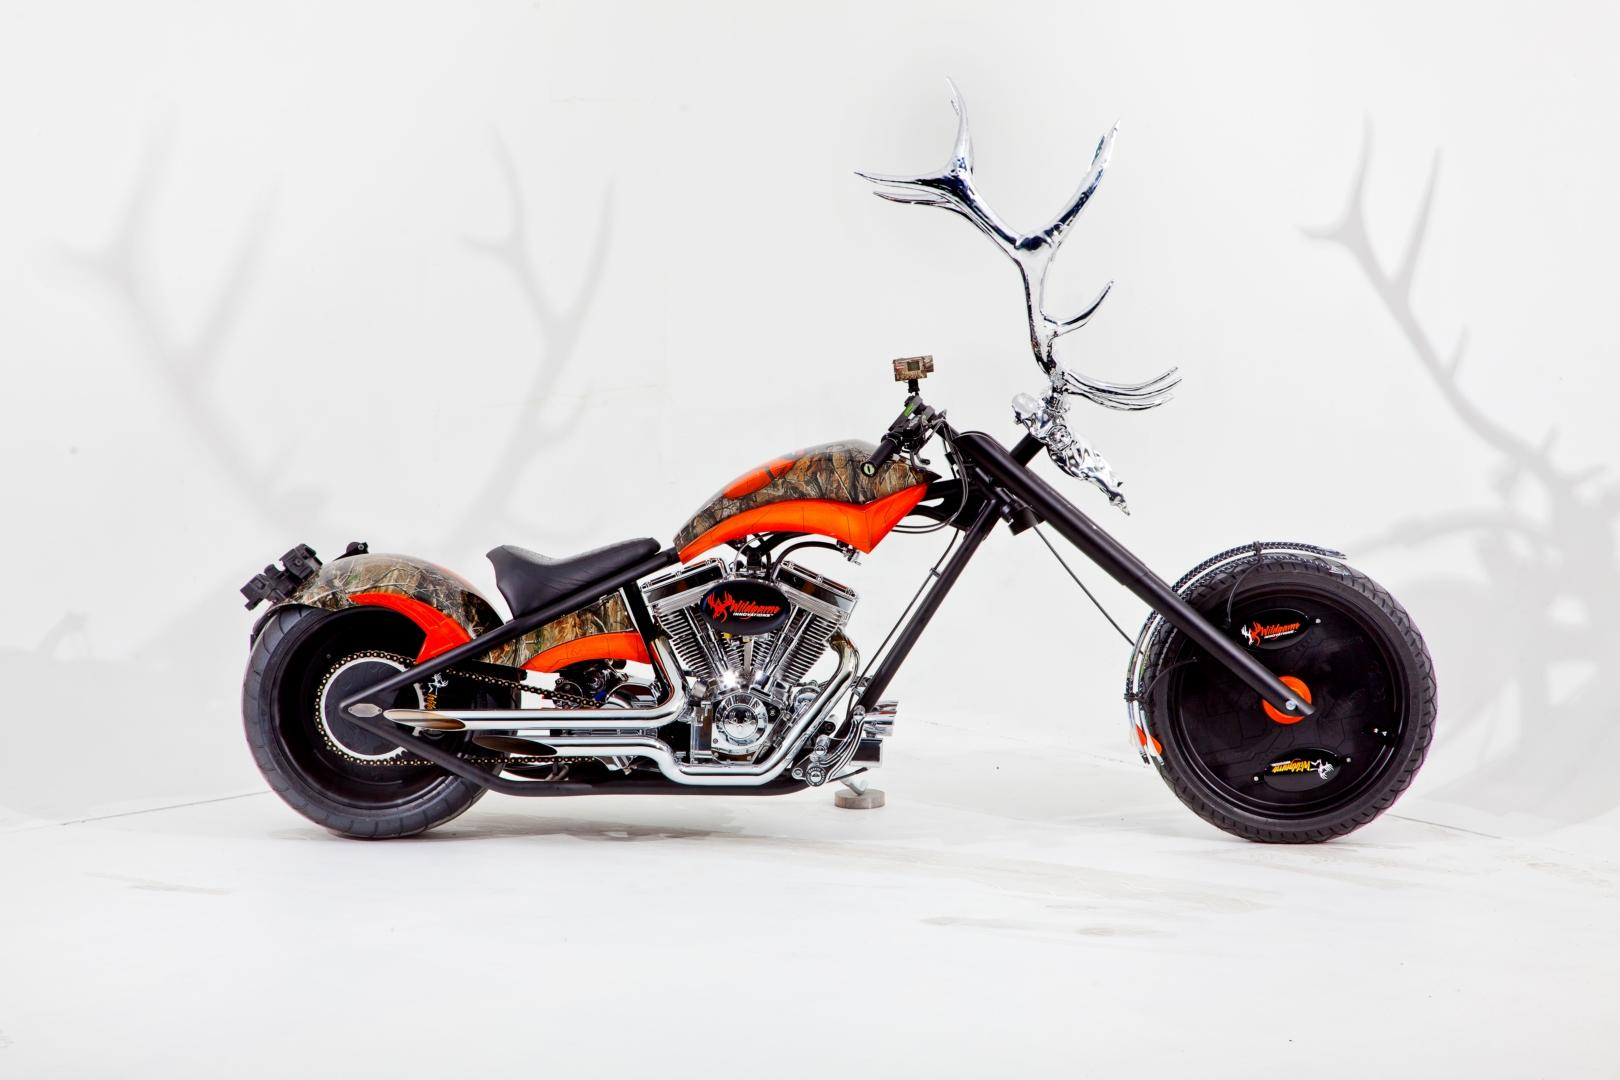 occ 39 s elk horn custom motorcycle. Black Bedroom Furniture Sets. Home Design Ideas